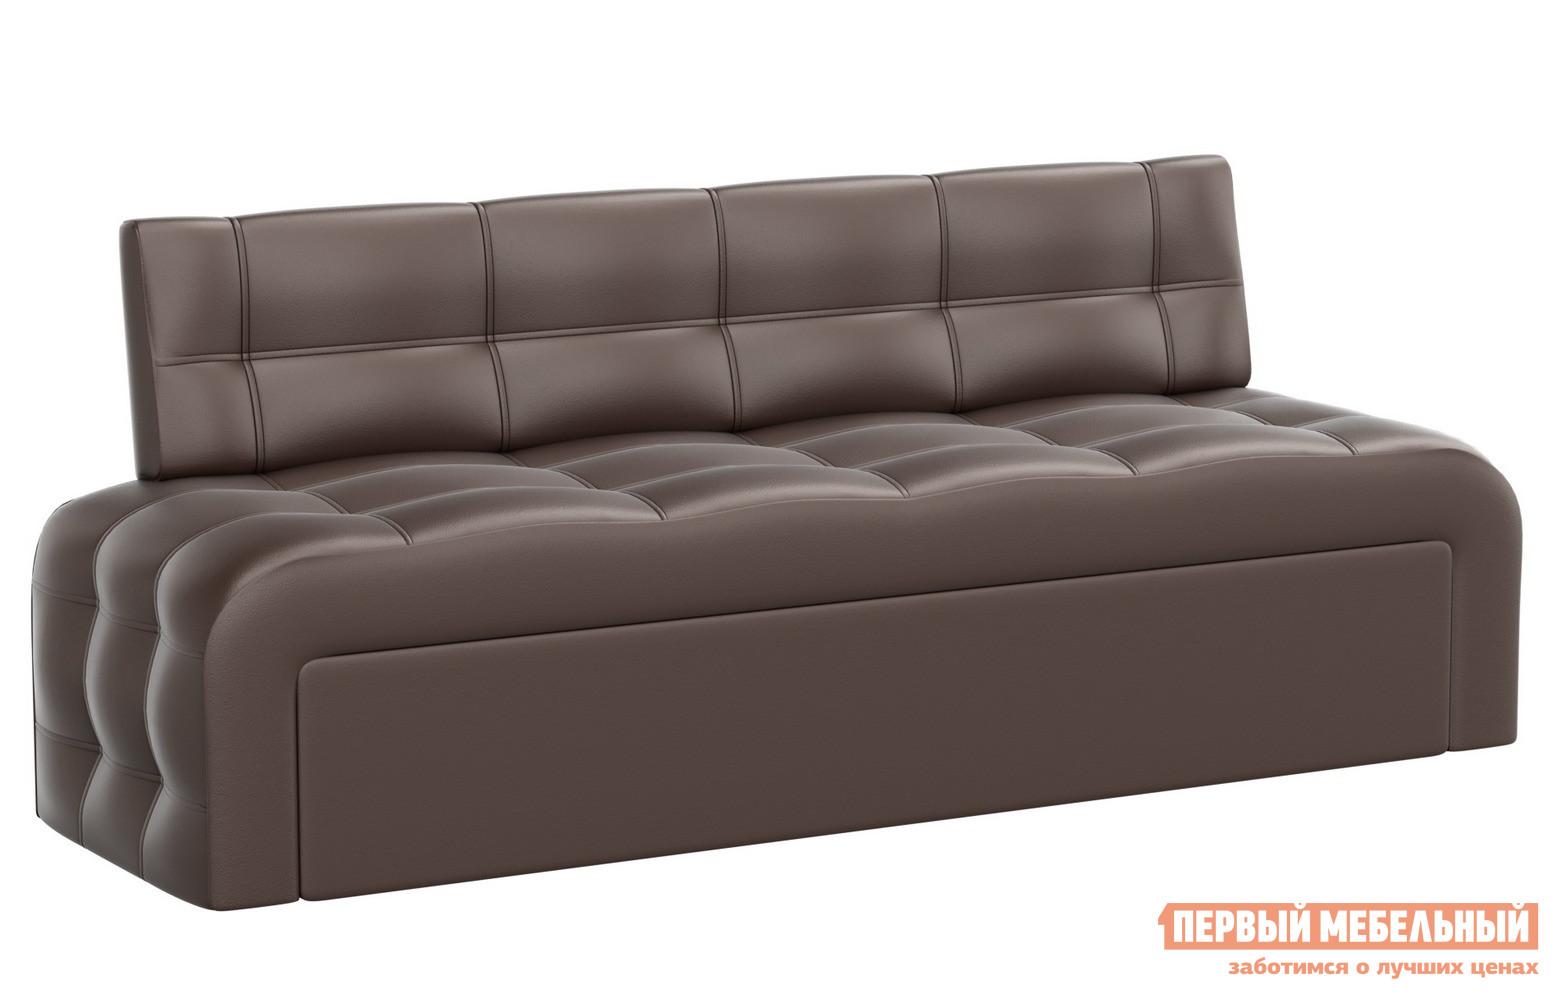 Кухонный диван  Кухонный диван Люксор эко-кожа Экокожа коричневая